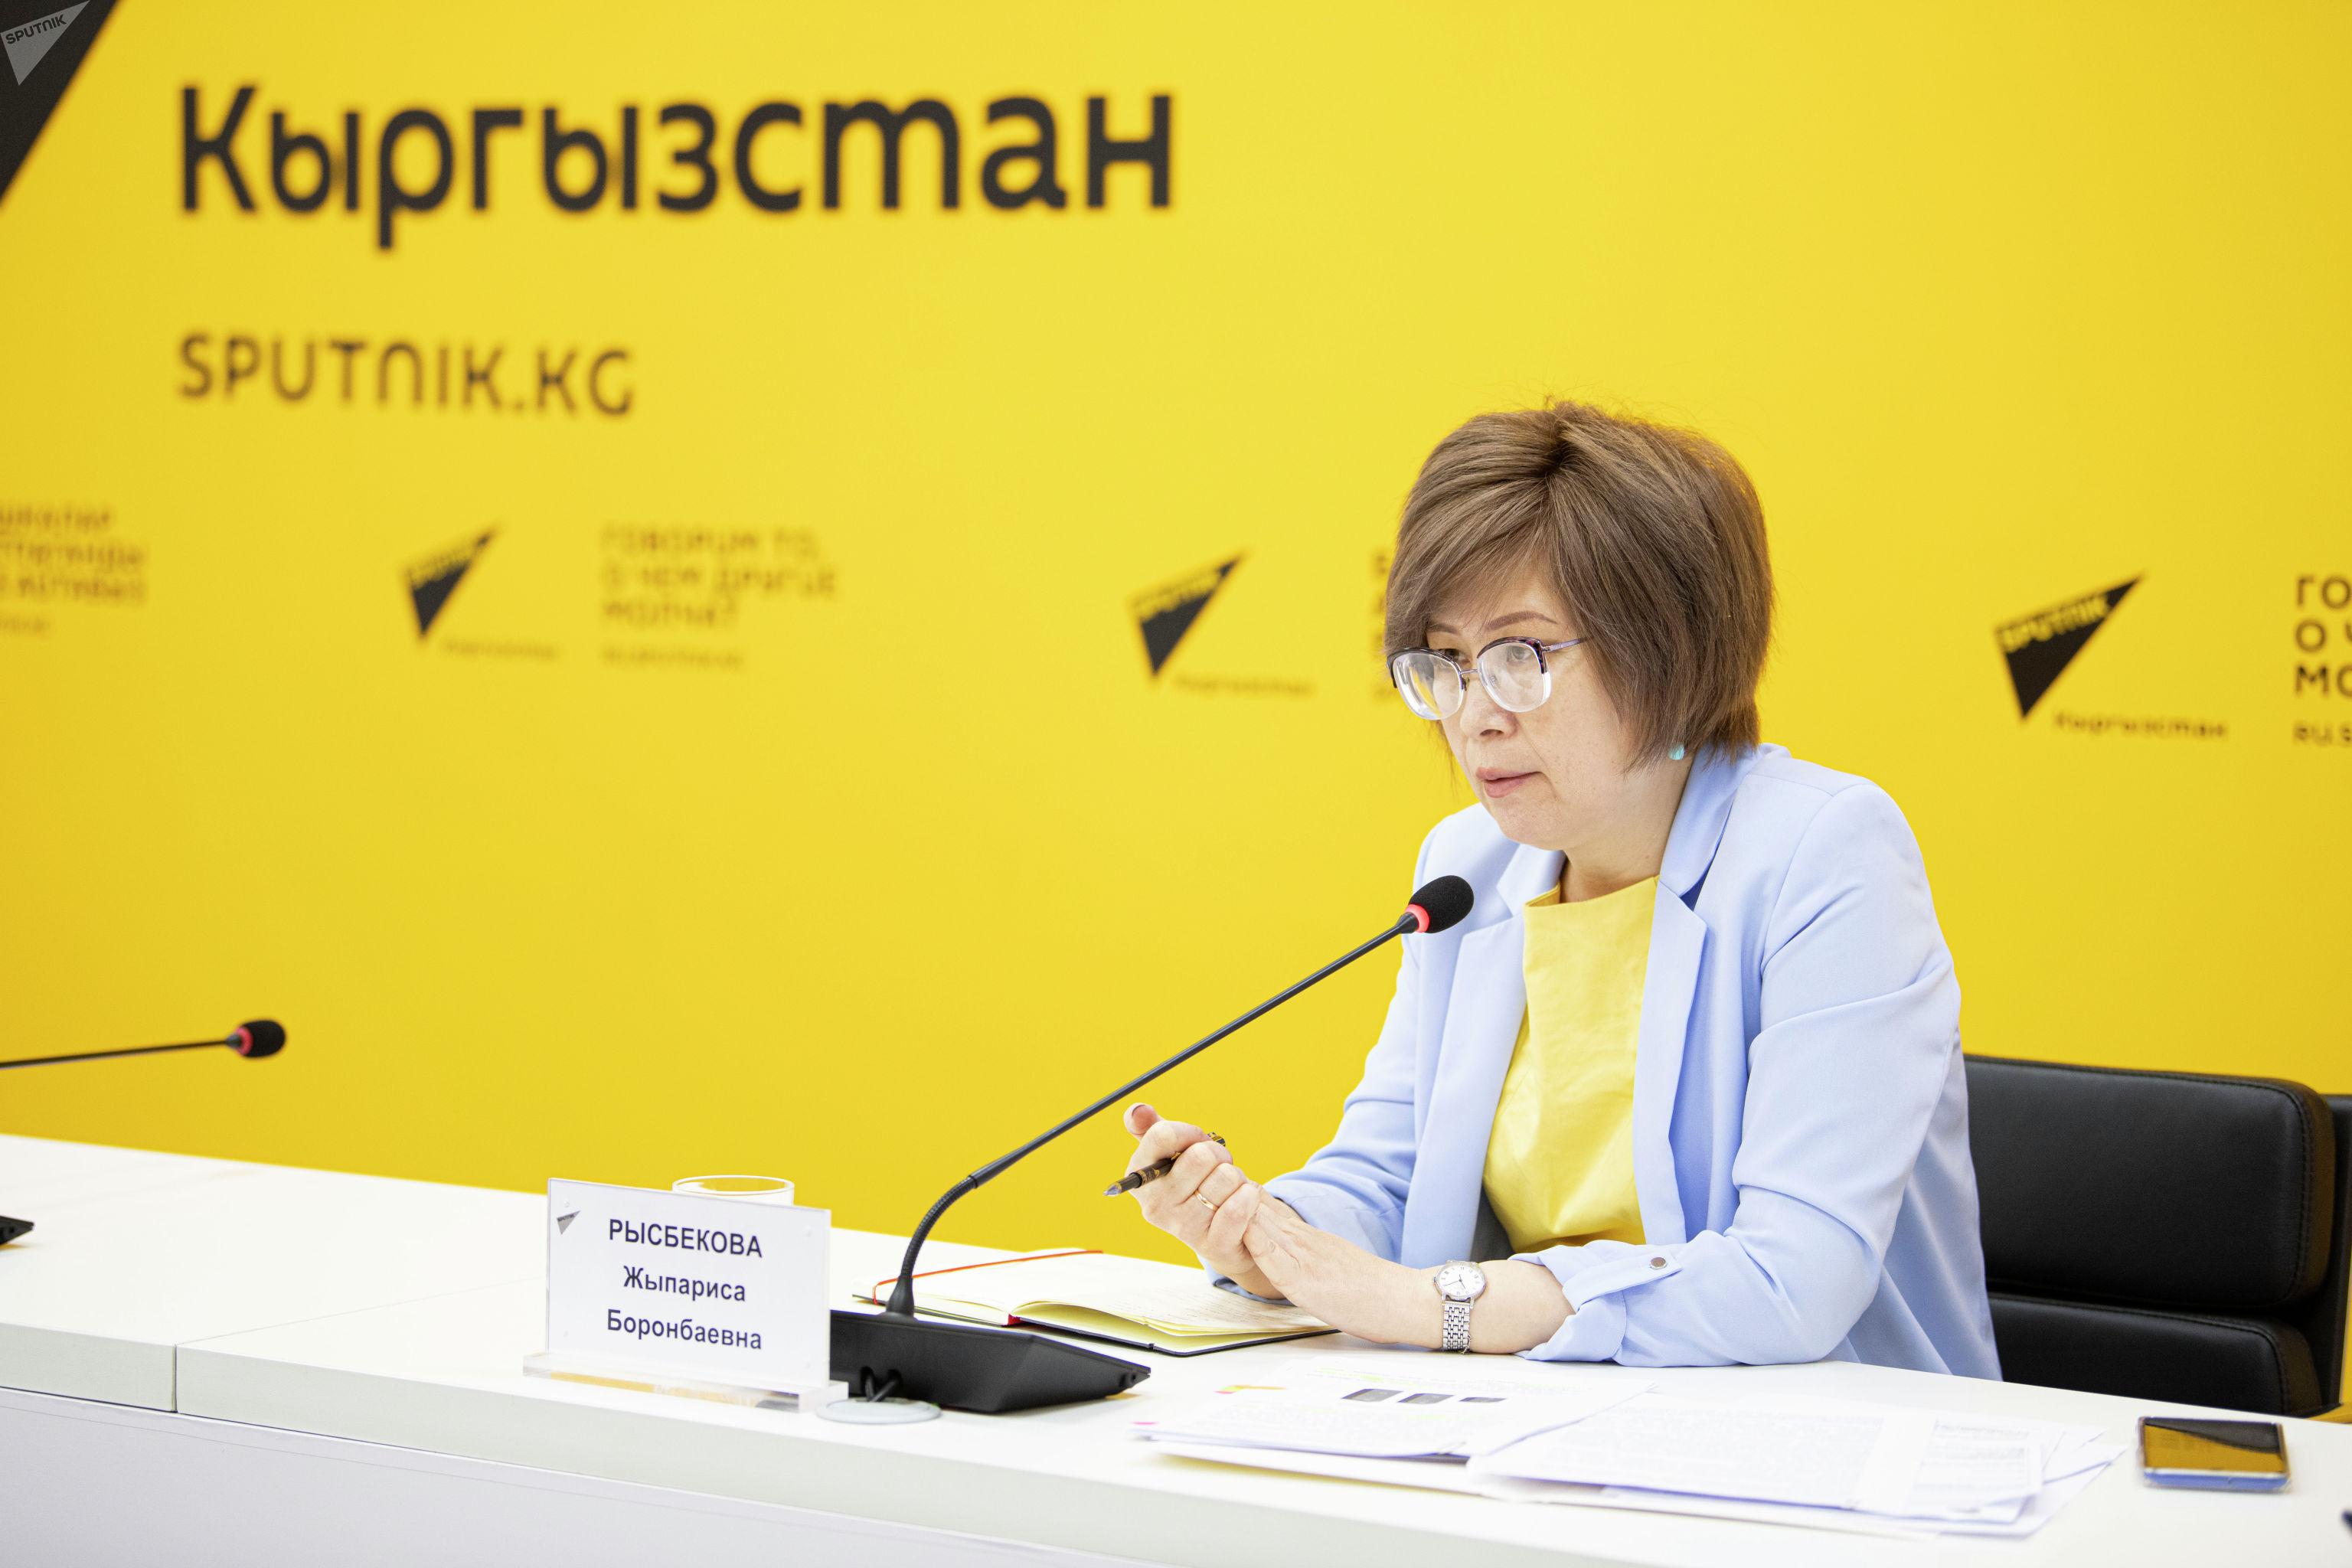 Уполномоченная по правам ребенка Жыпариса Рысбекова во время брифинга в мультимедийном пресс-центре Sputnik Кыргызстан